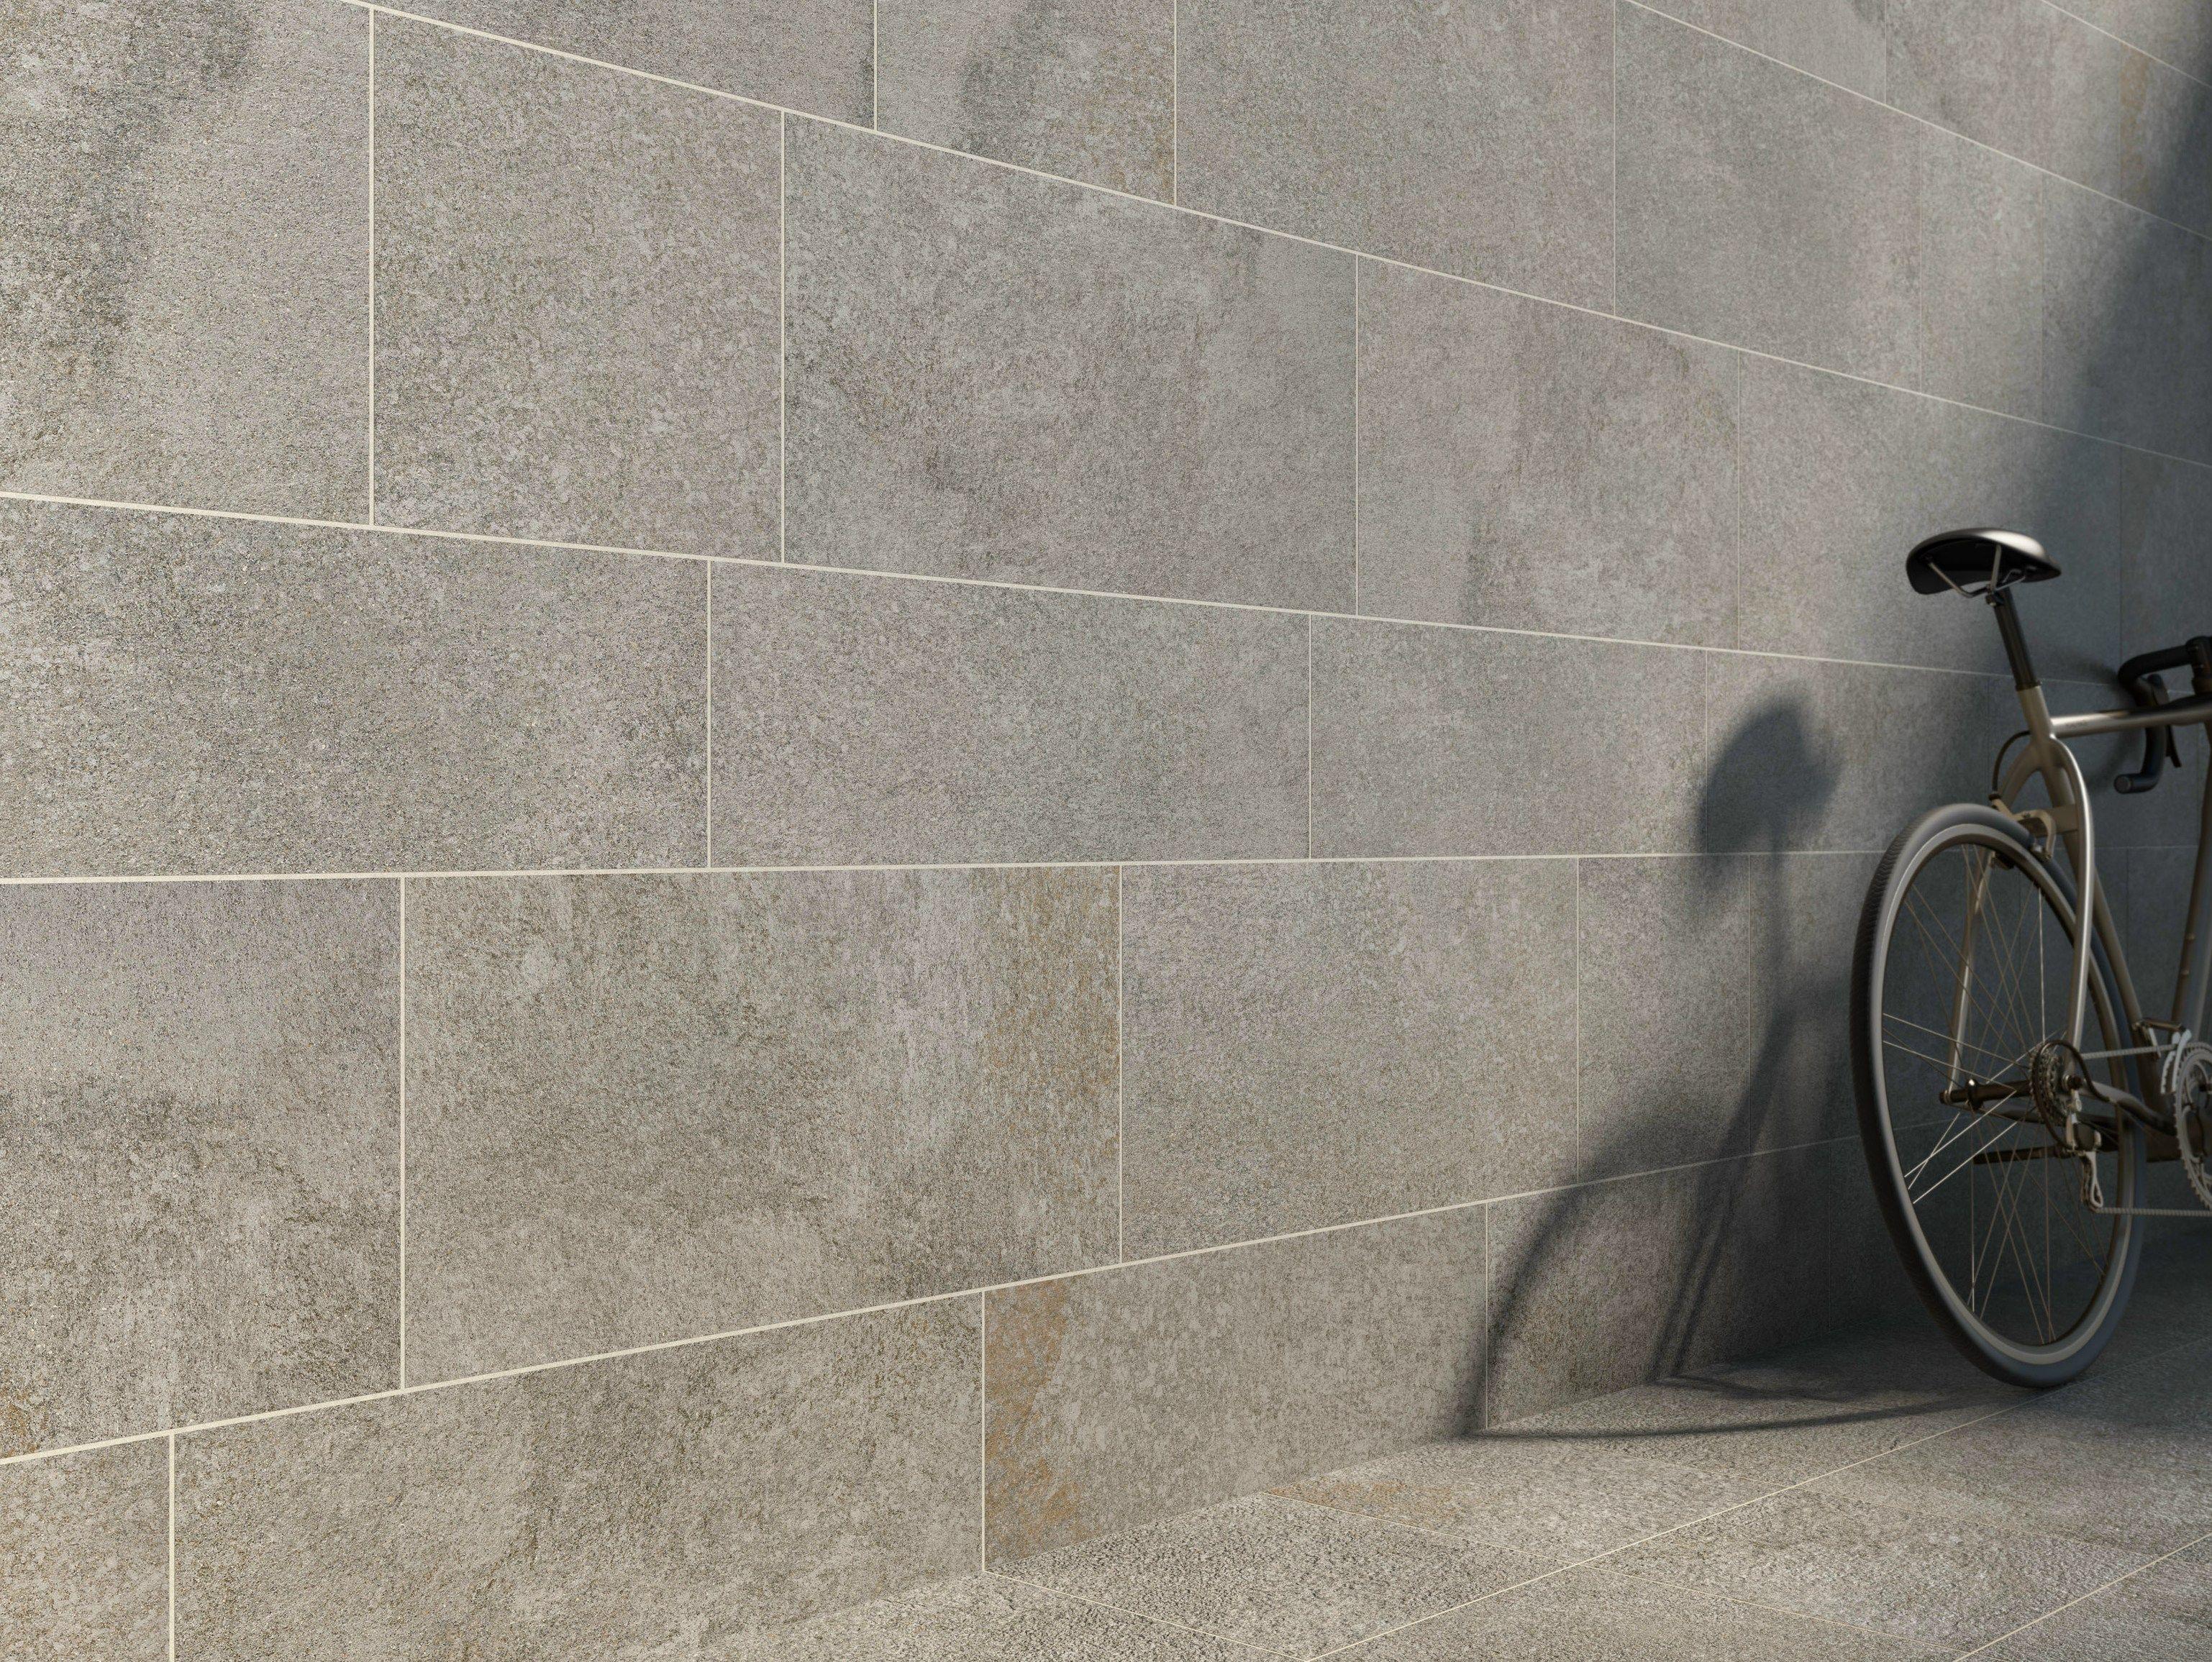 Pavimento rivestimento in gres porcellanato effetto pietra - Rivestimento bagno gres porcellanato ...